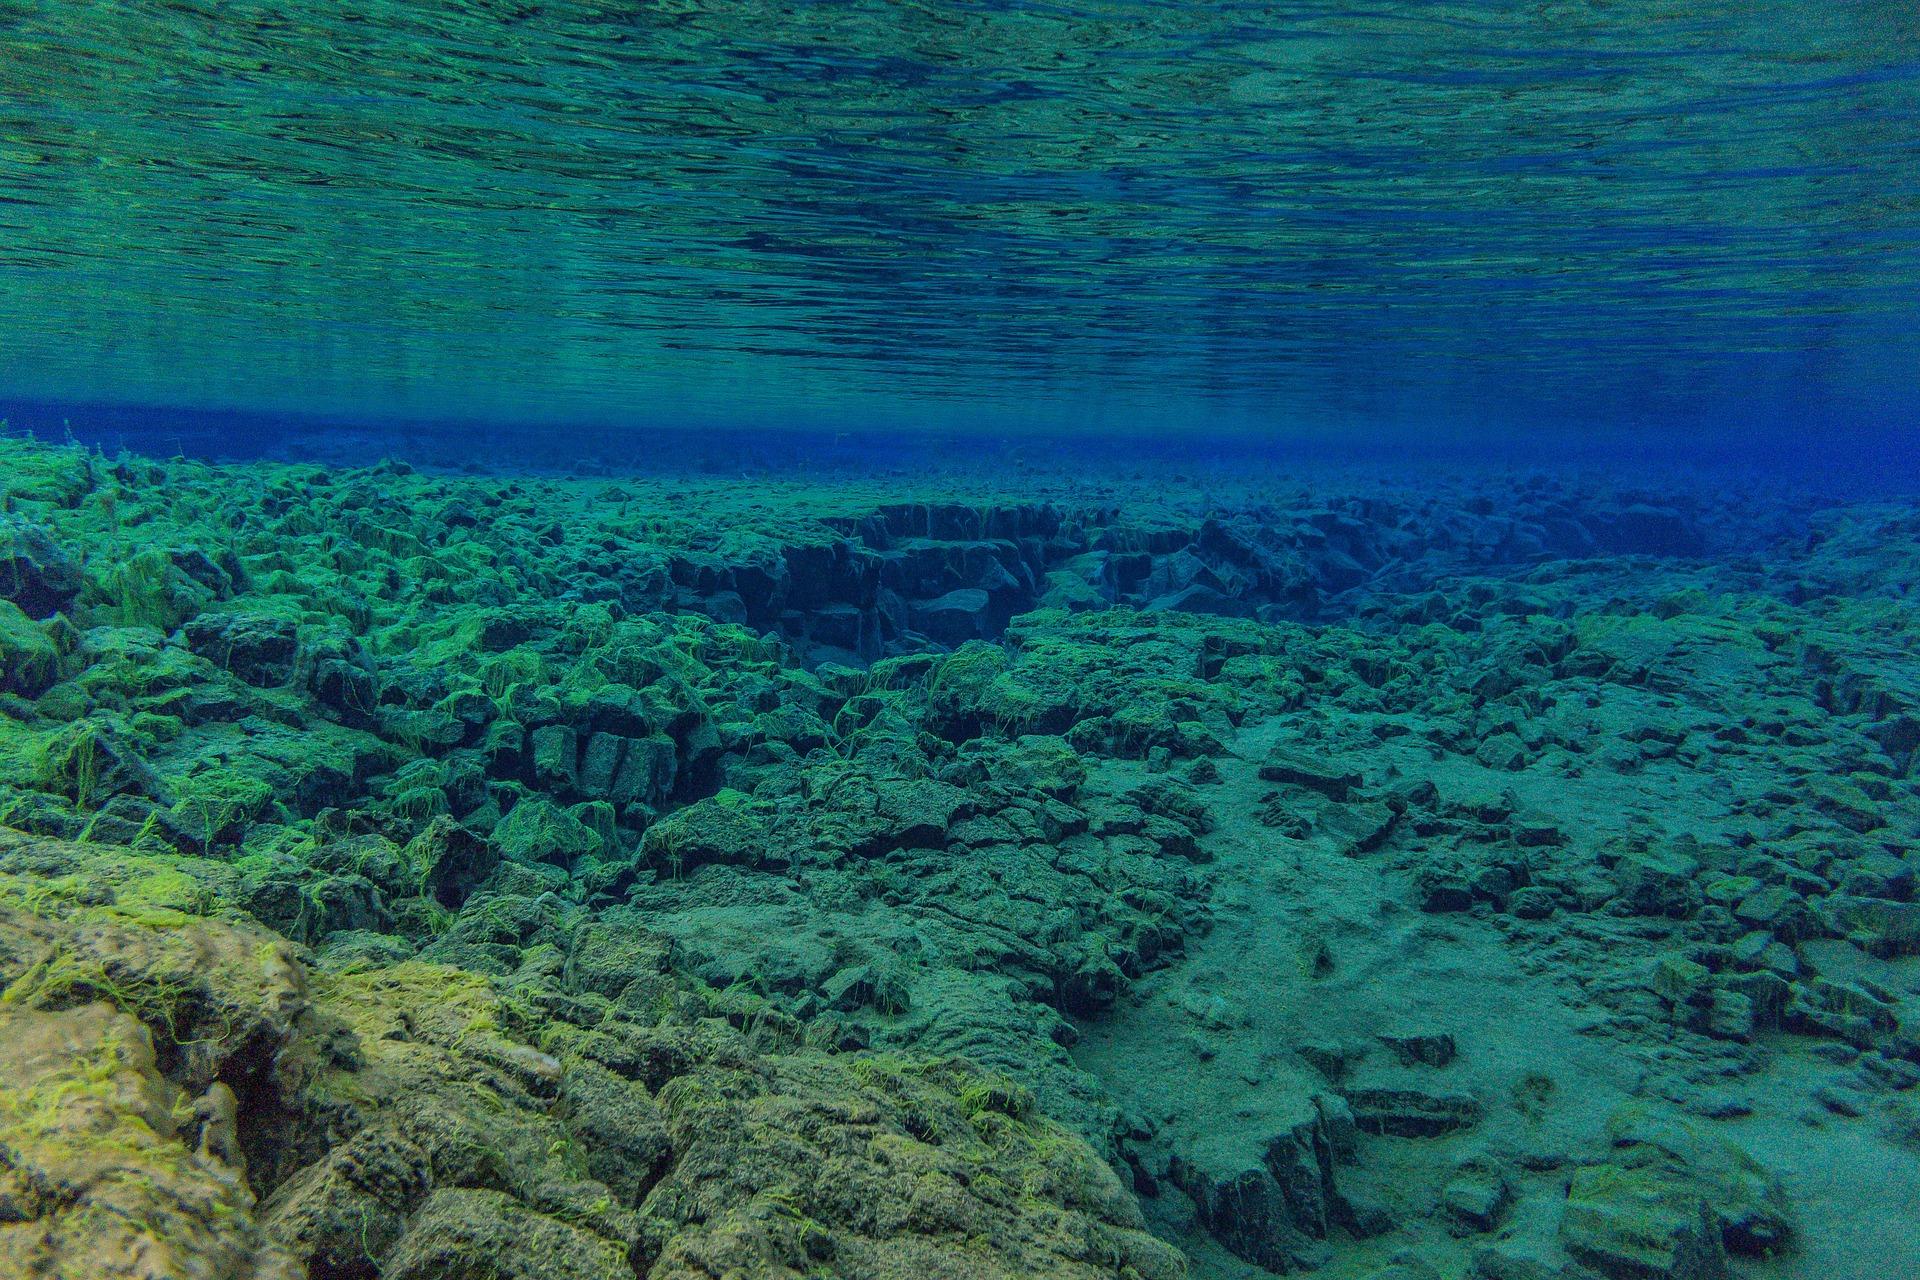 underwater-3237936_1920.jpg